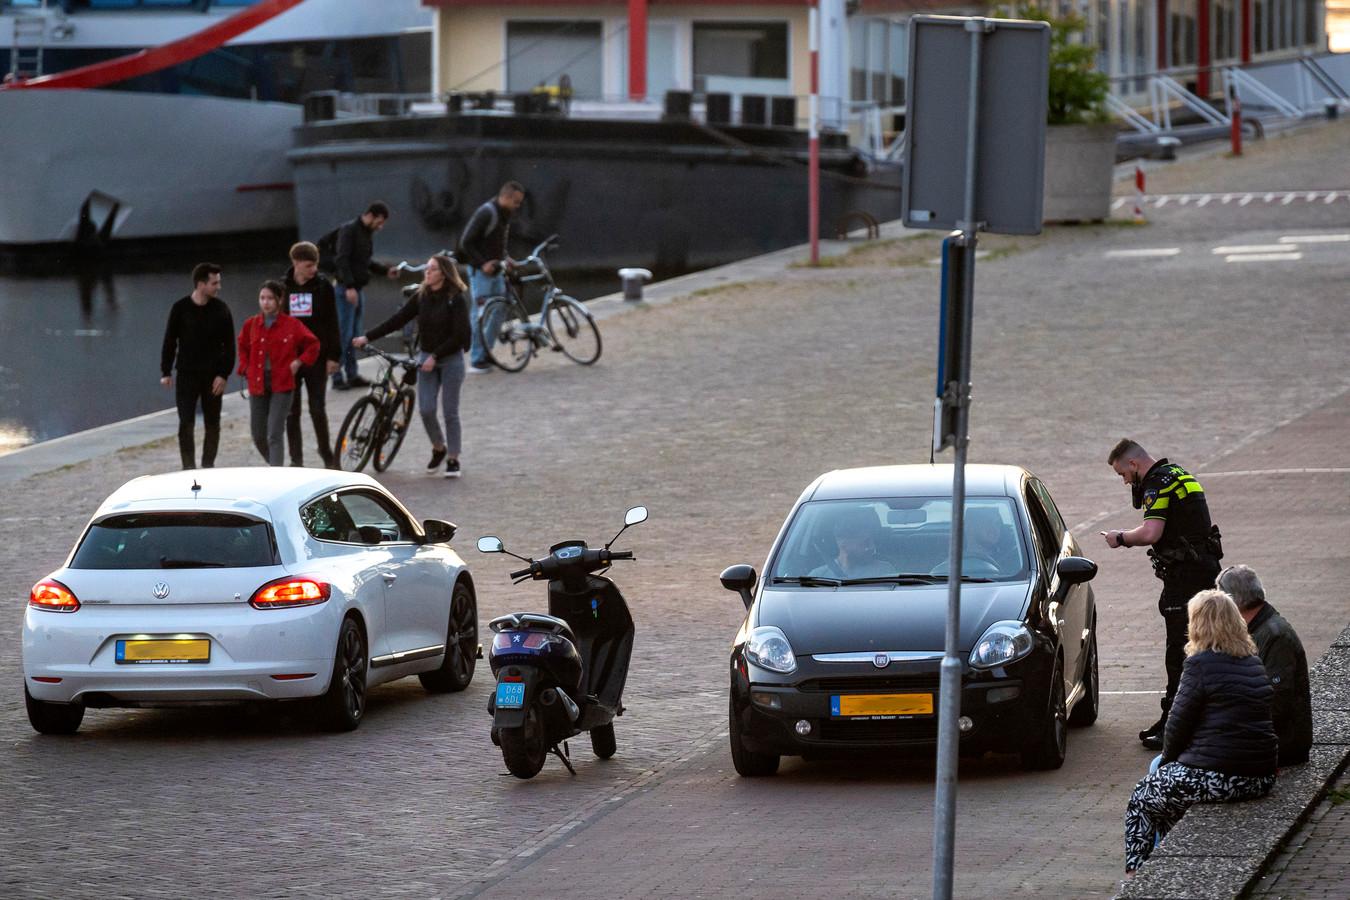 De politie hield afgelopen weekend een grote controle op de Arnhemse Rijnkade. Omwonenden klagen over drukte, straatraces en drugsoverlast.